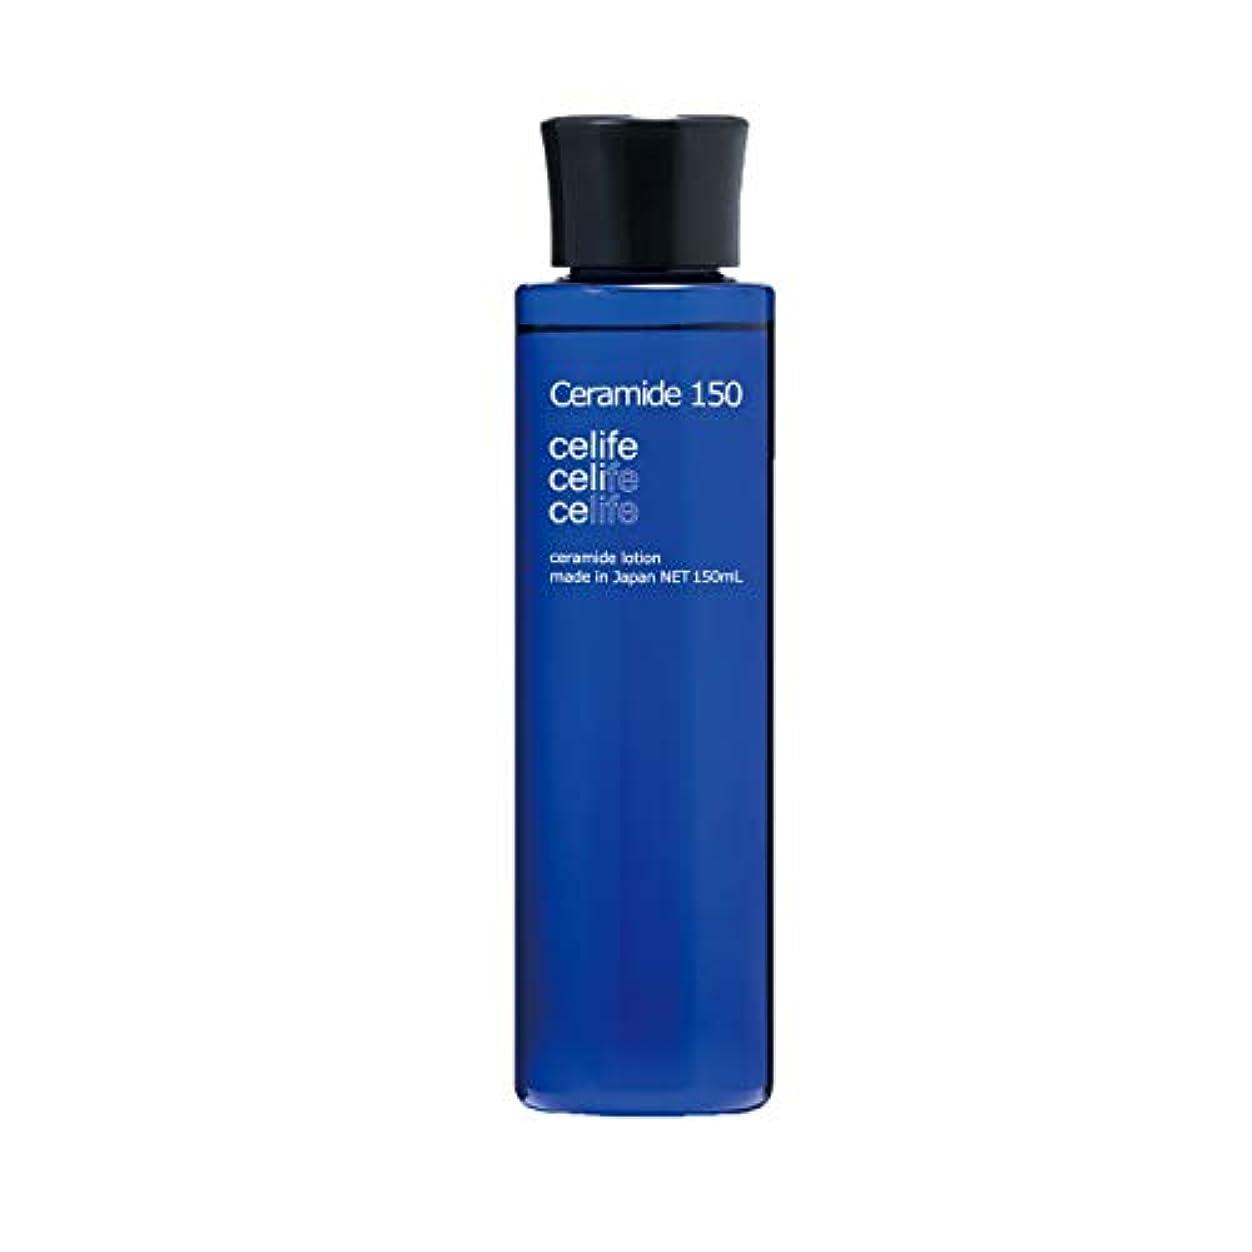 適応するどれか内部celife 天然セラミド配合化粧水 セラミド 150